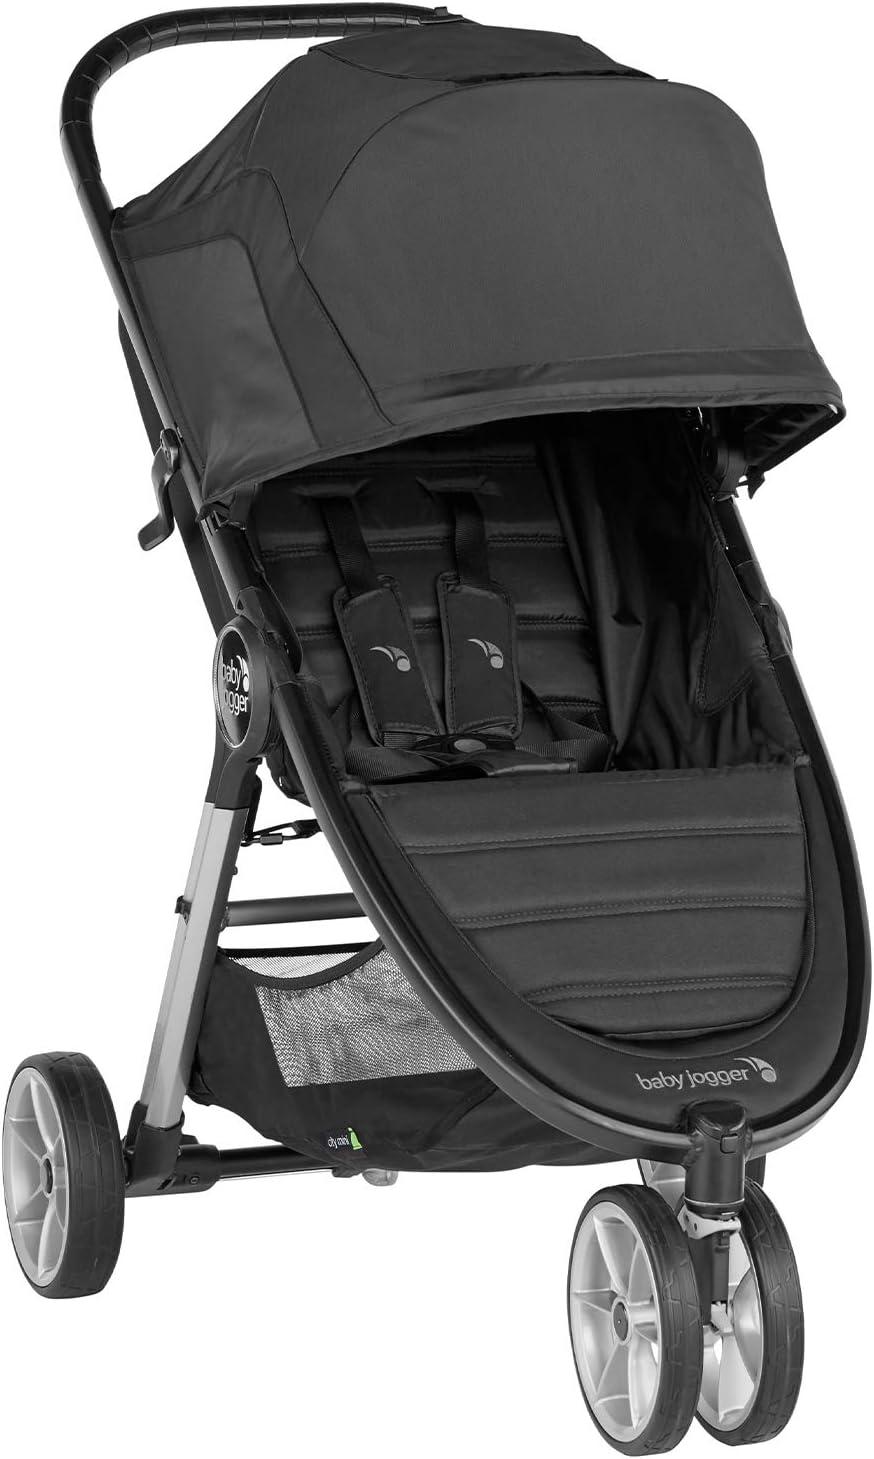 Baby Jogger City Mini 2 de 3 Ruedas Jet. Silla de paseo desde nacimiento hasta 22kg. Color negro